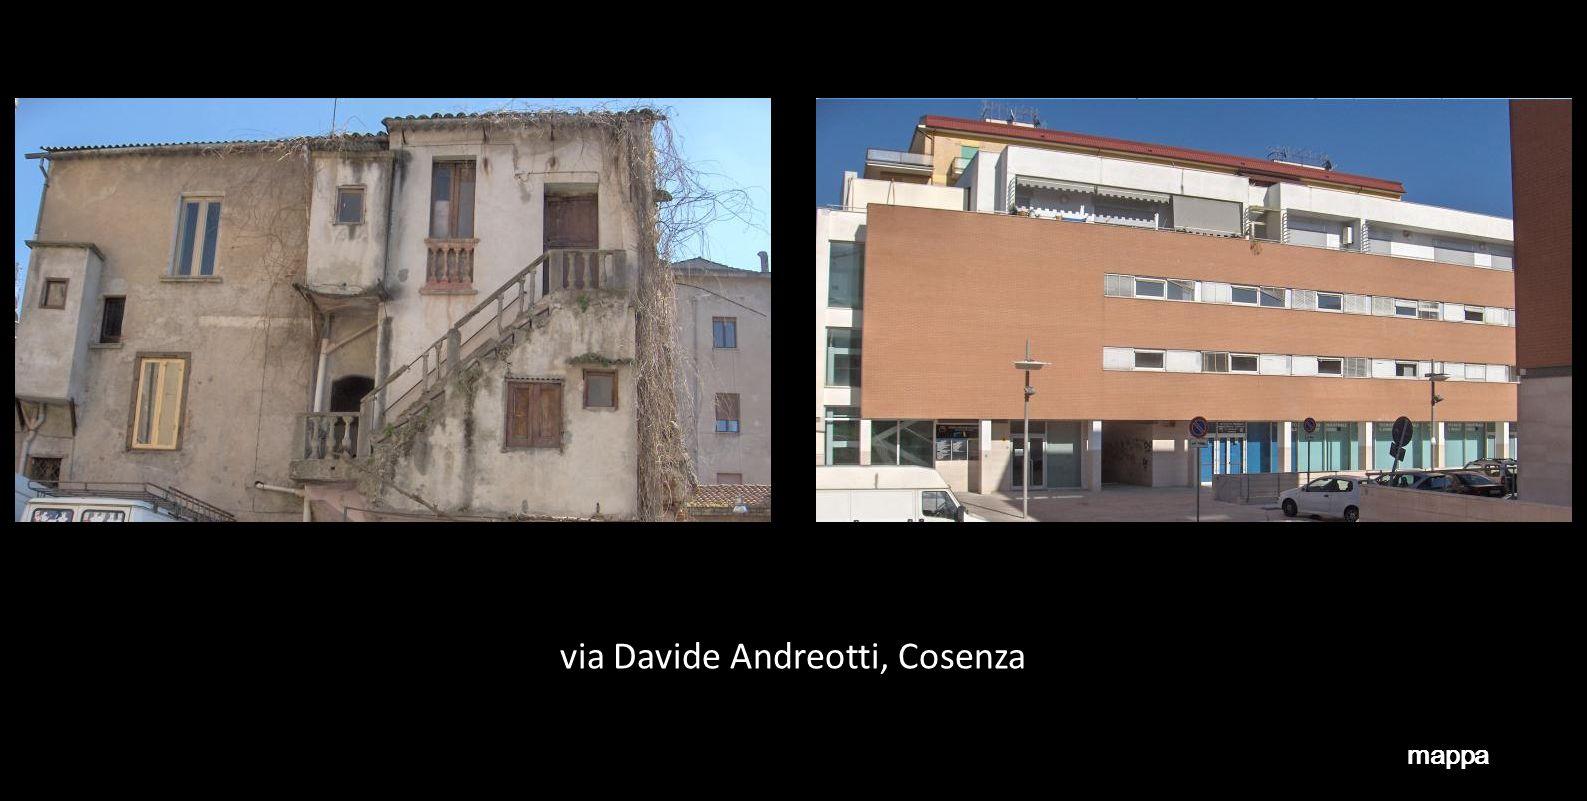 via Davide Andreotti, Cosenza